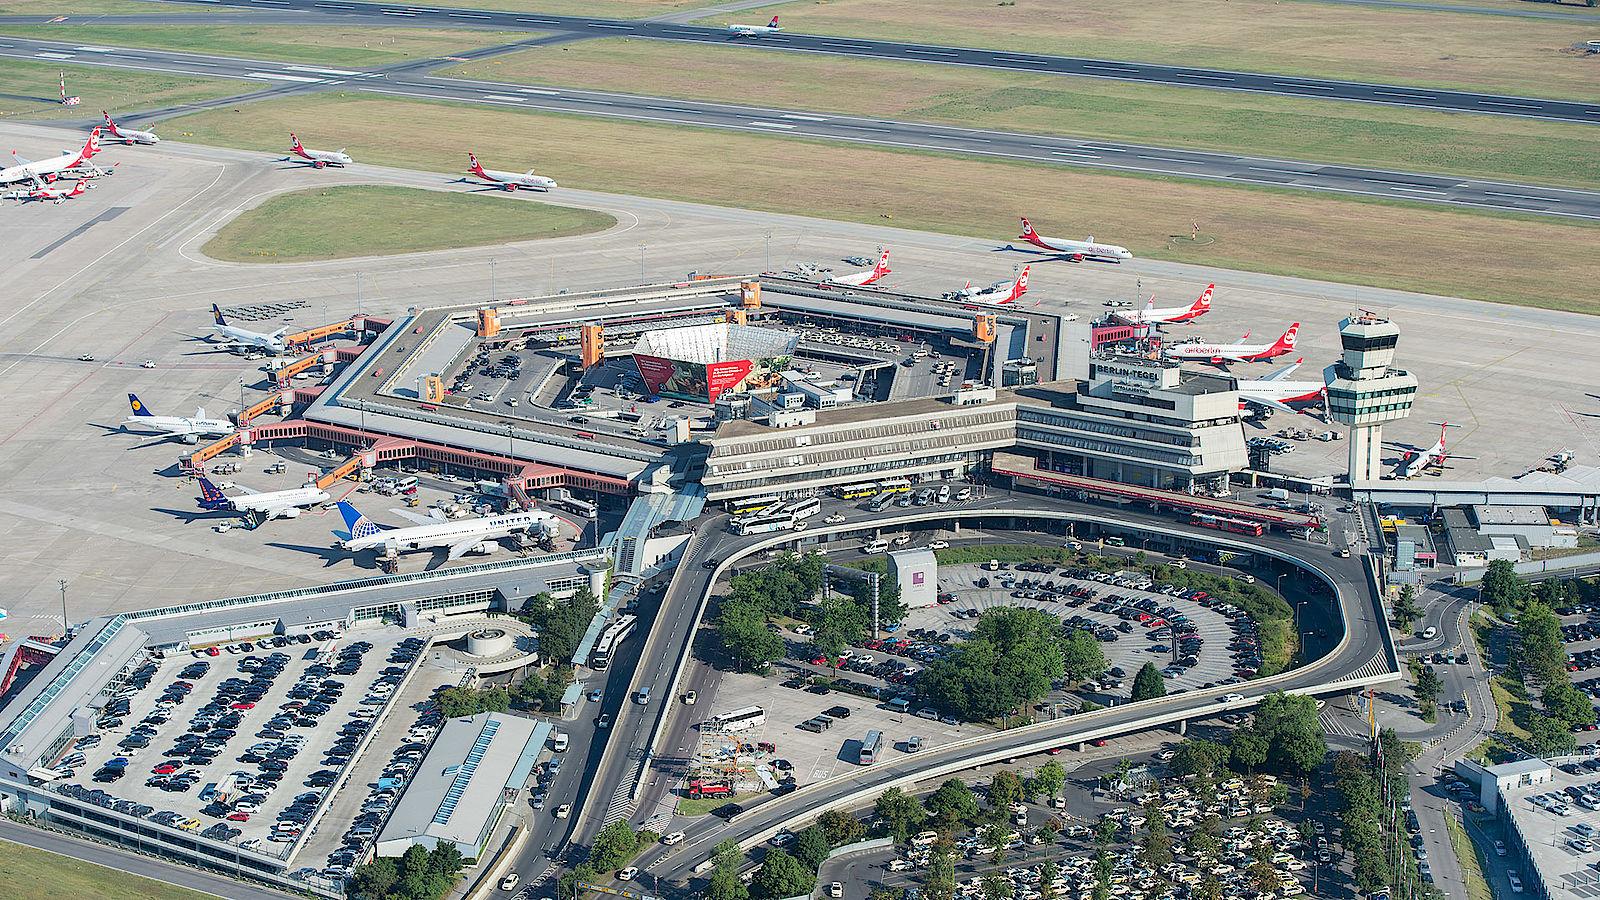 Flughafen berlin tegel wird vielleicht bald ein partyhotspot for Flughafen tegel